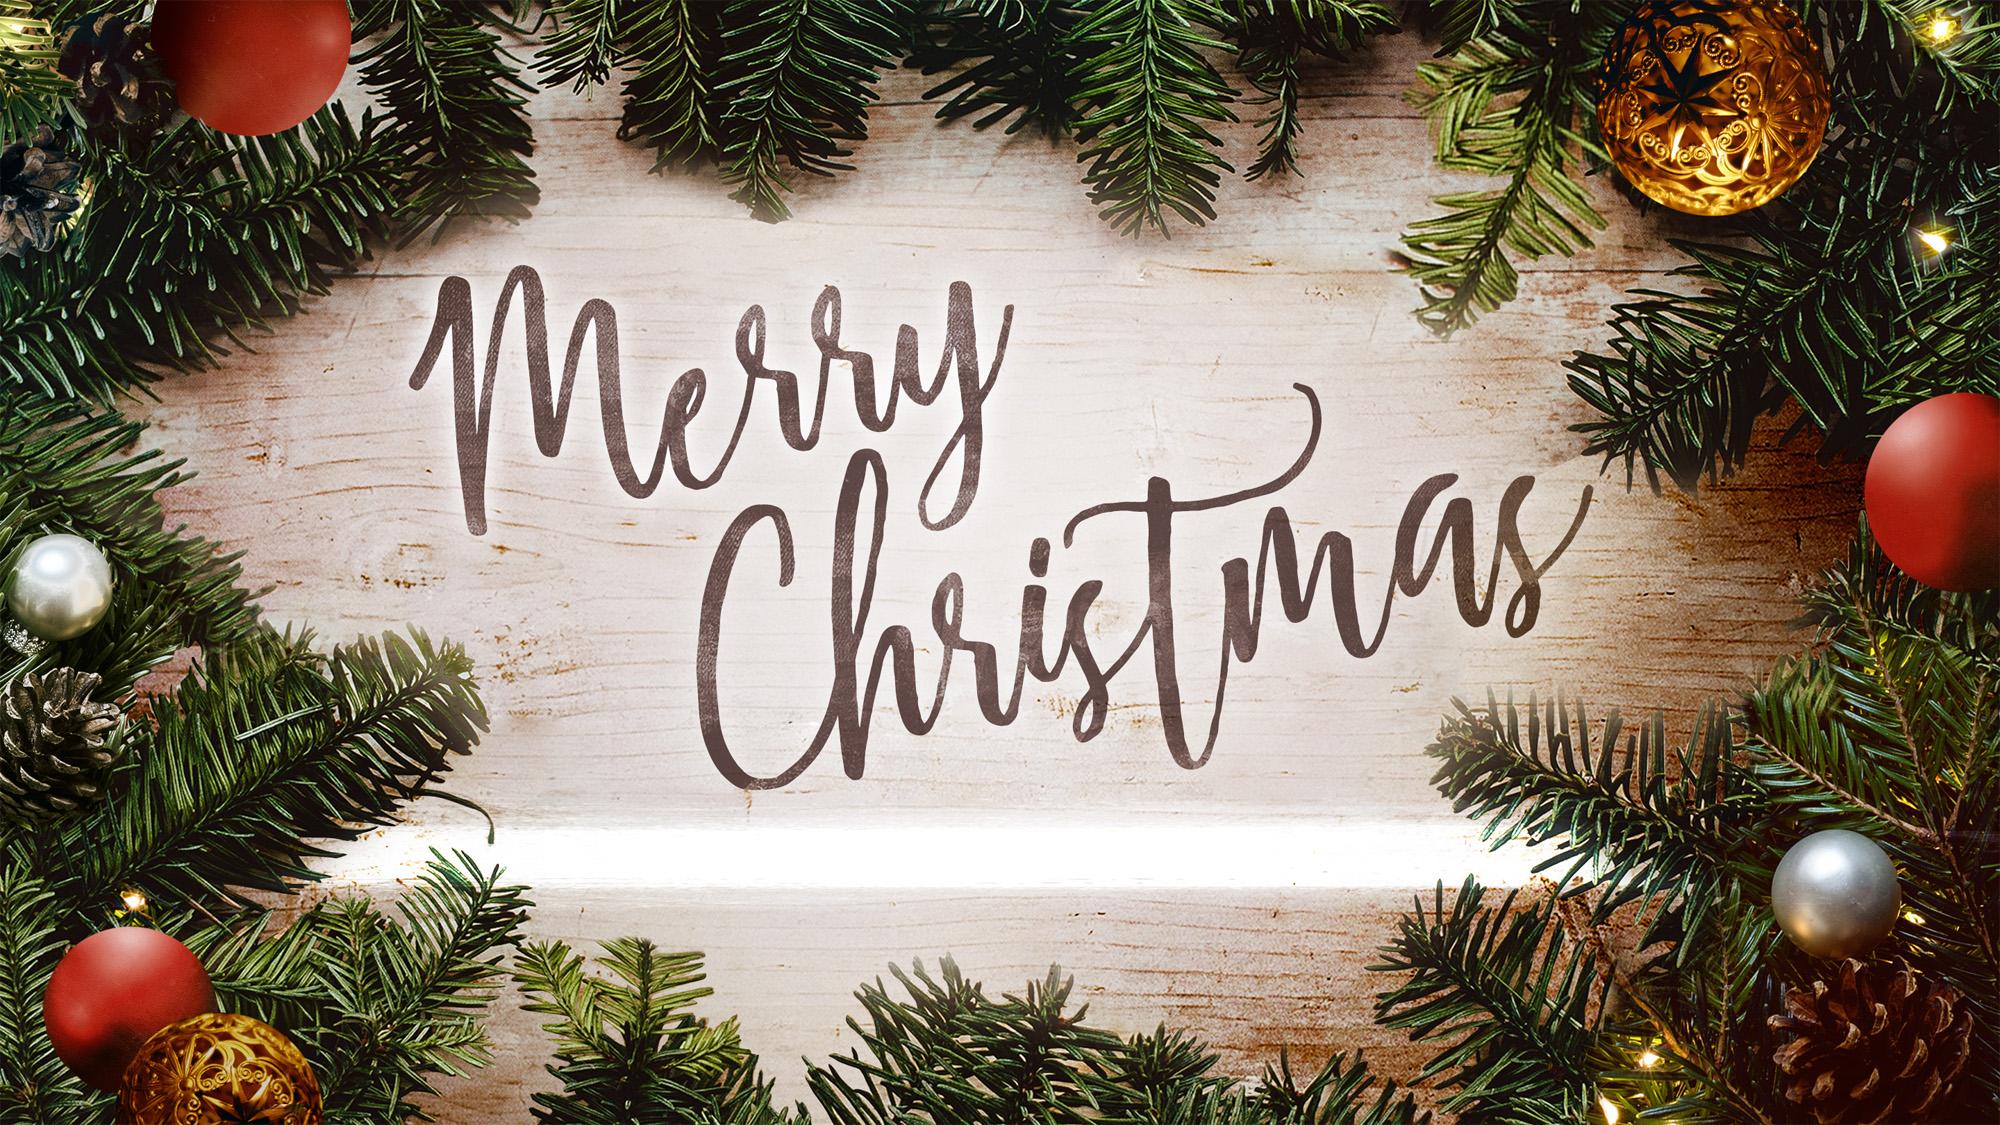 christmas_wreath_merry_christmas-title-2-still-16x9.jpg